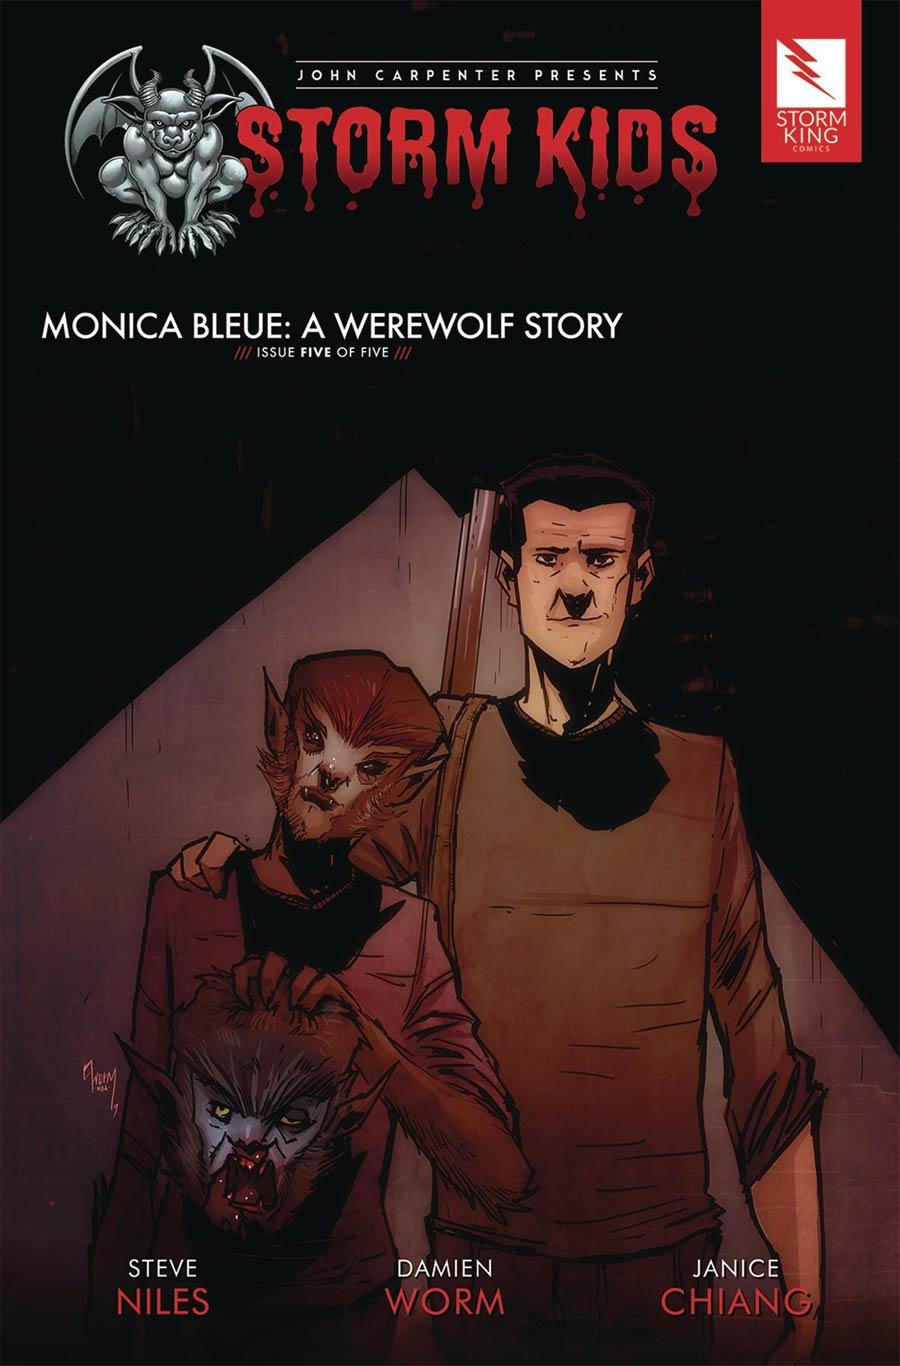 John Carpenter Presents Storm Kids Monica Bleue A Werewolf Story #5